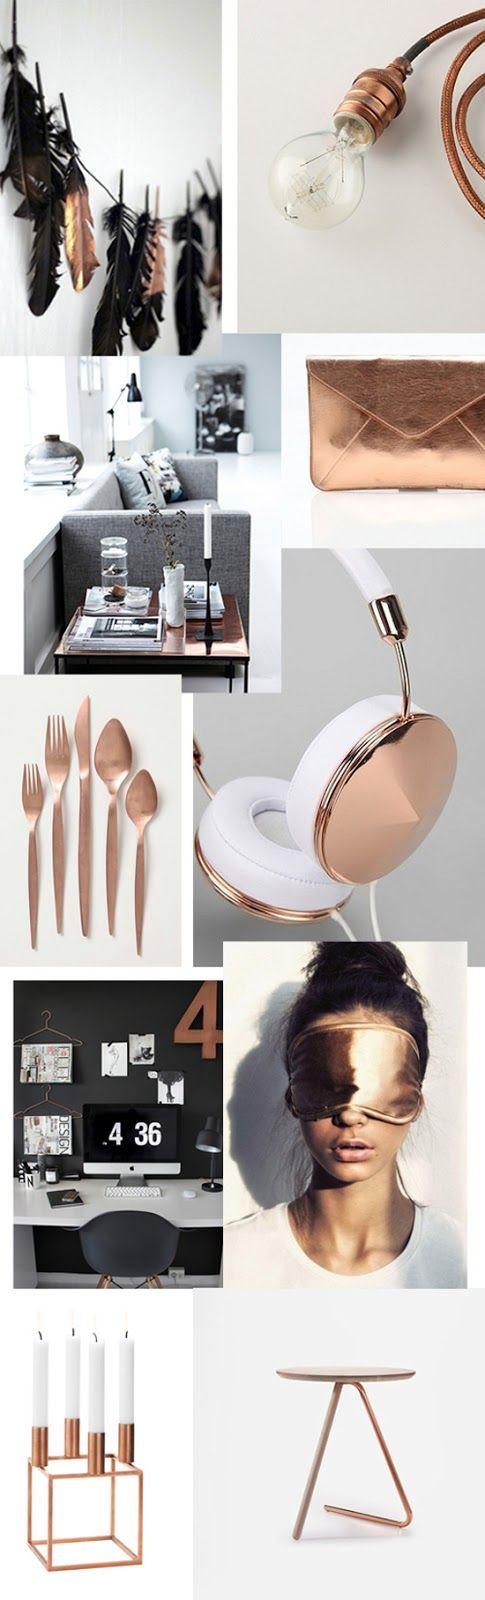 White Arrow Digital Design blog